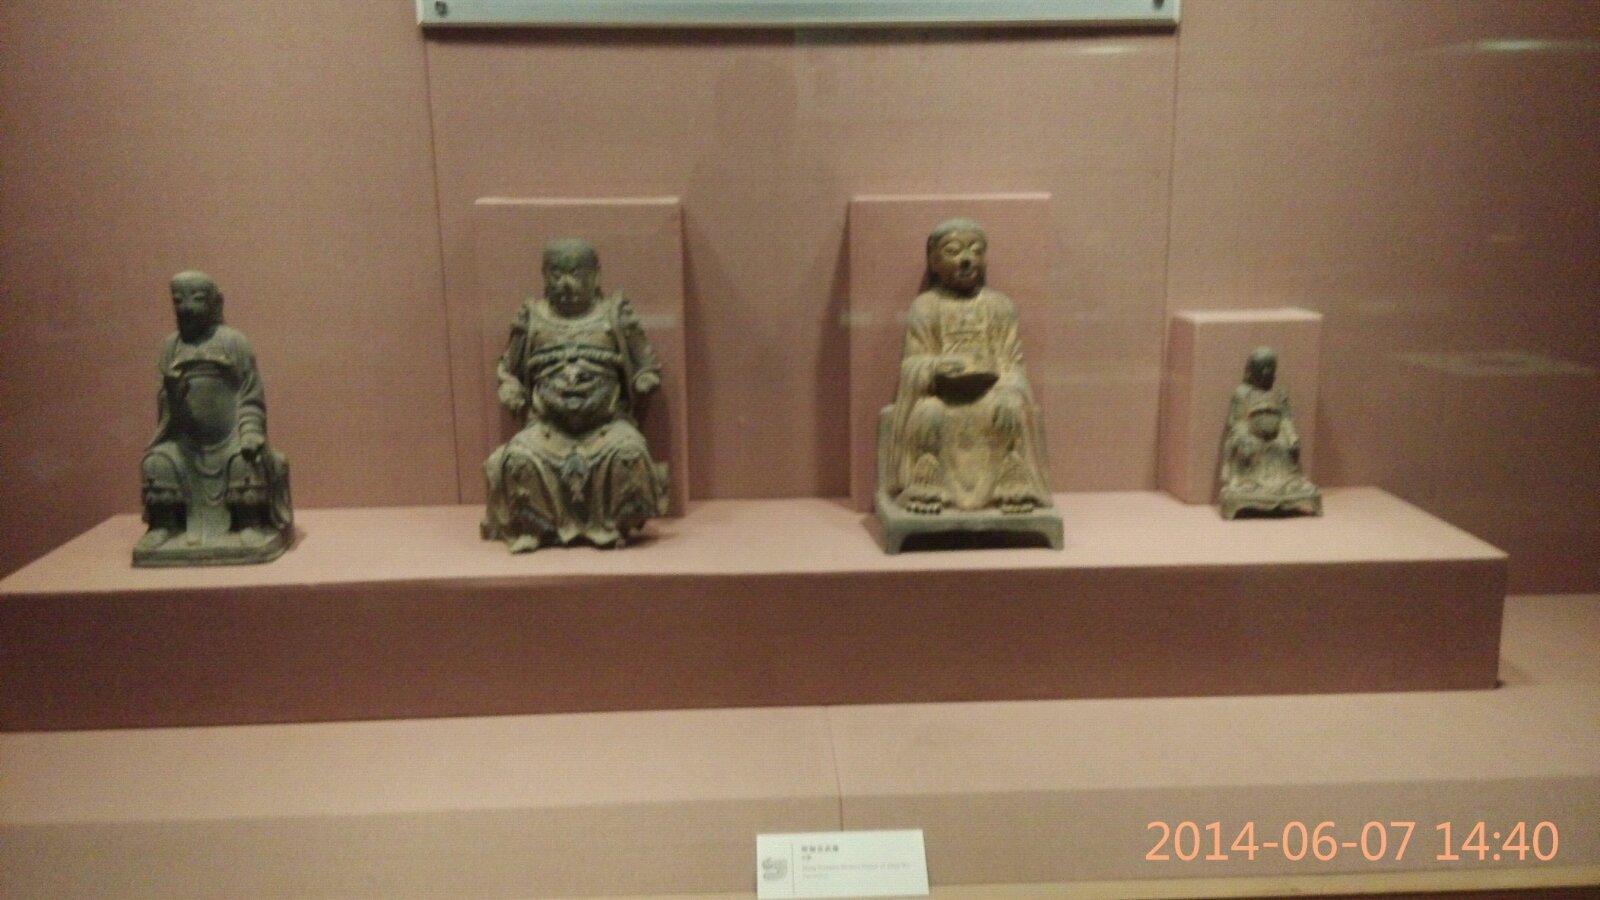 遥�9�9iny�c:(_襄阳还有博物馆,我瞬间石化